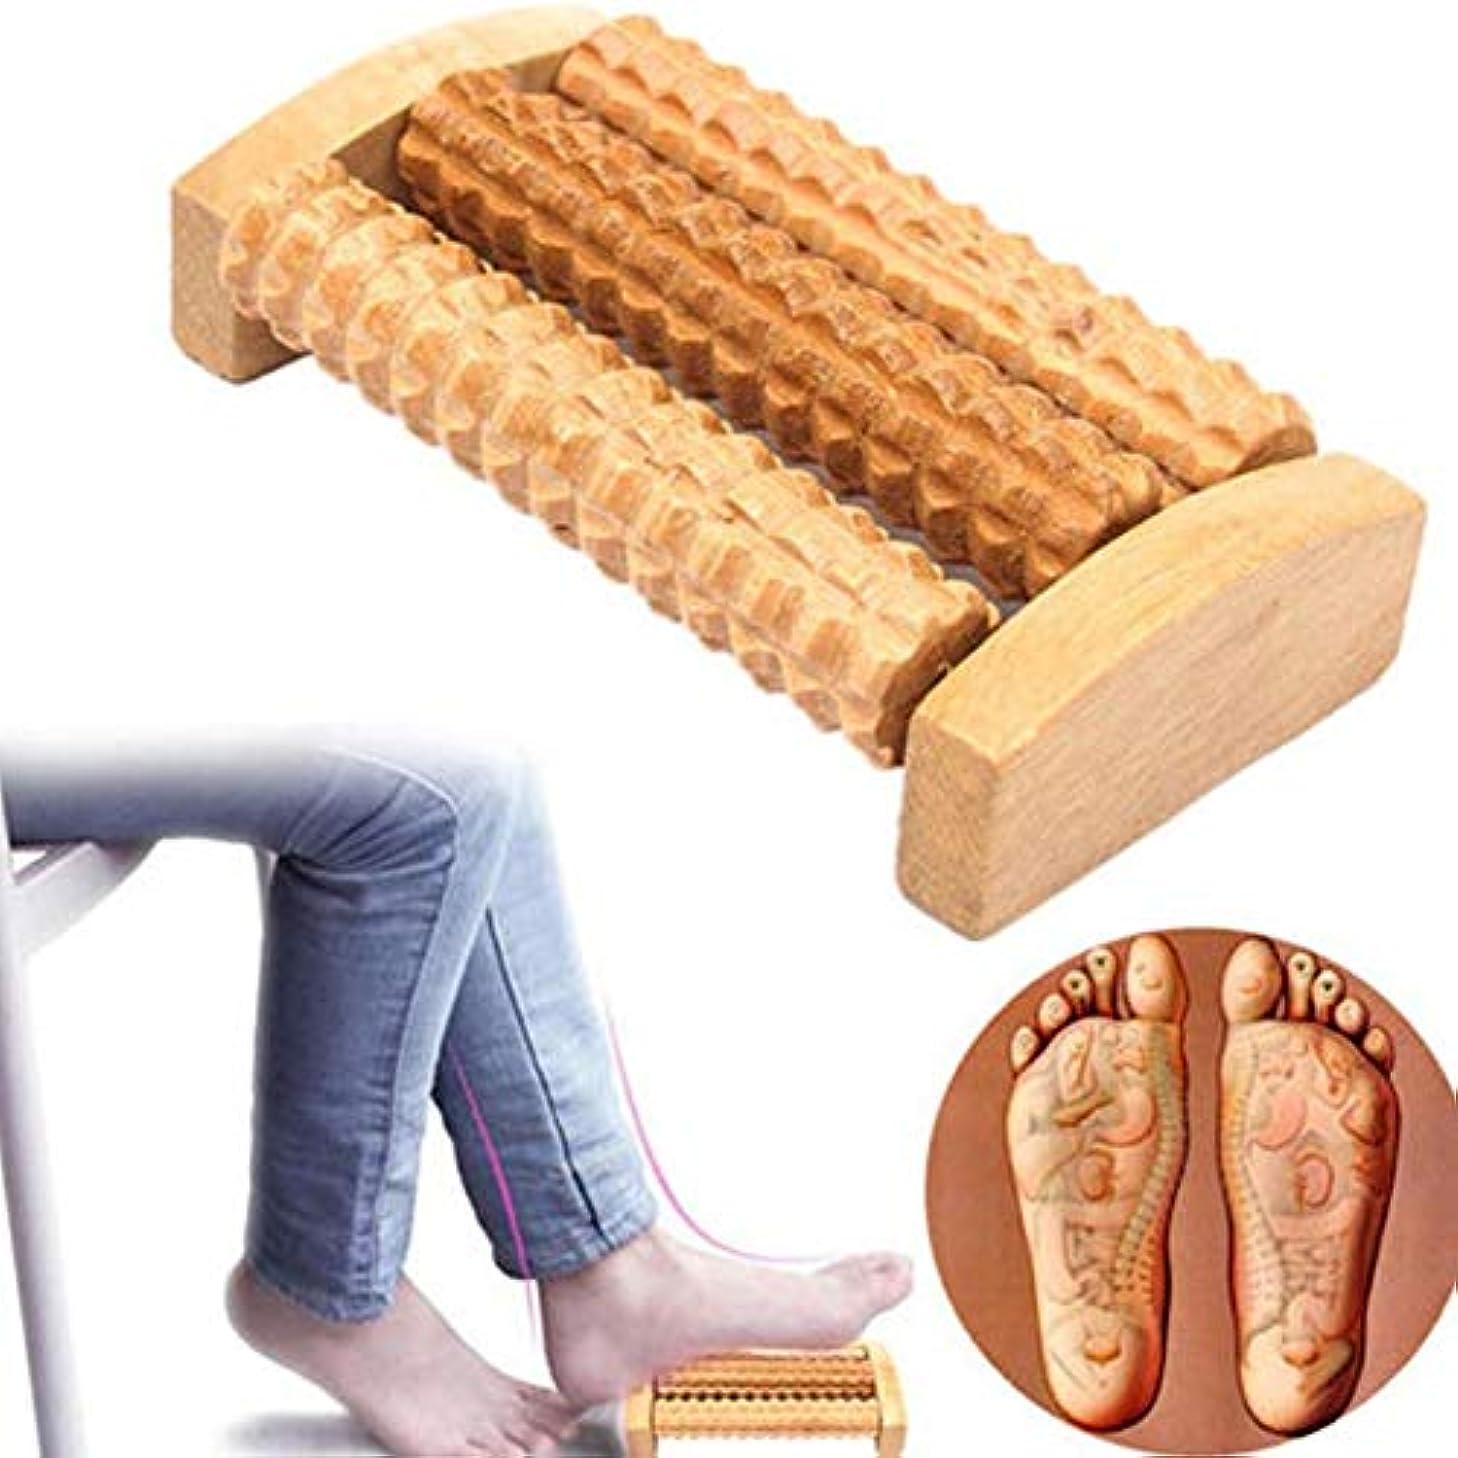 生息地屋内で増幅する木製フットマッサージャー高品質木製 5 行応力除去治療リラックスマッサージローラー健康 足ケアマッサージツール